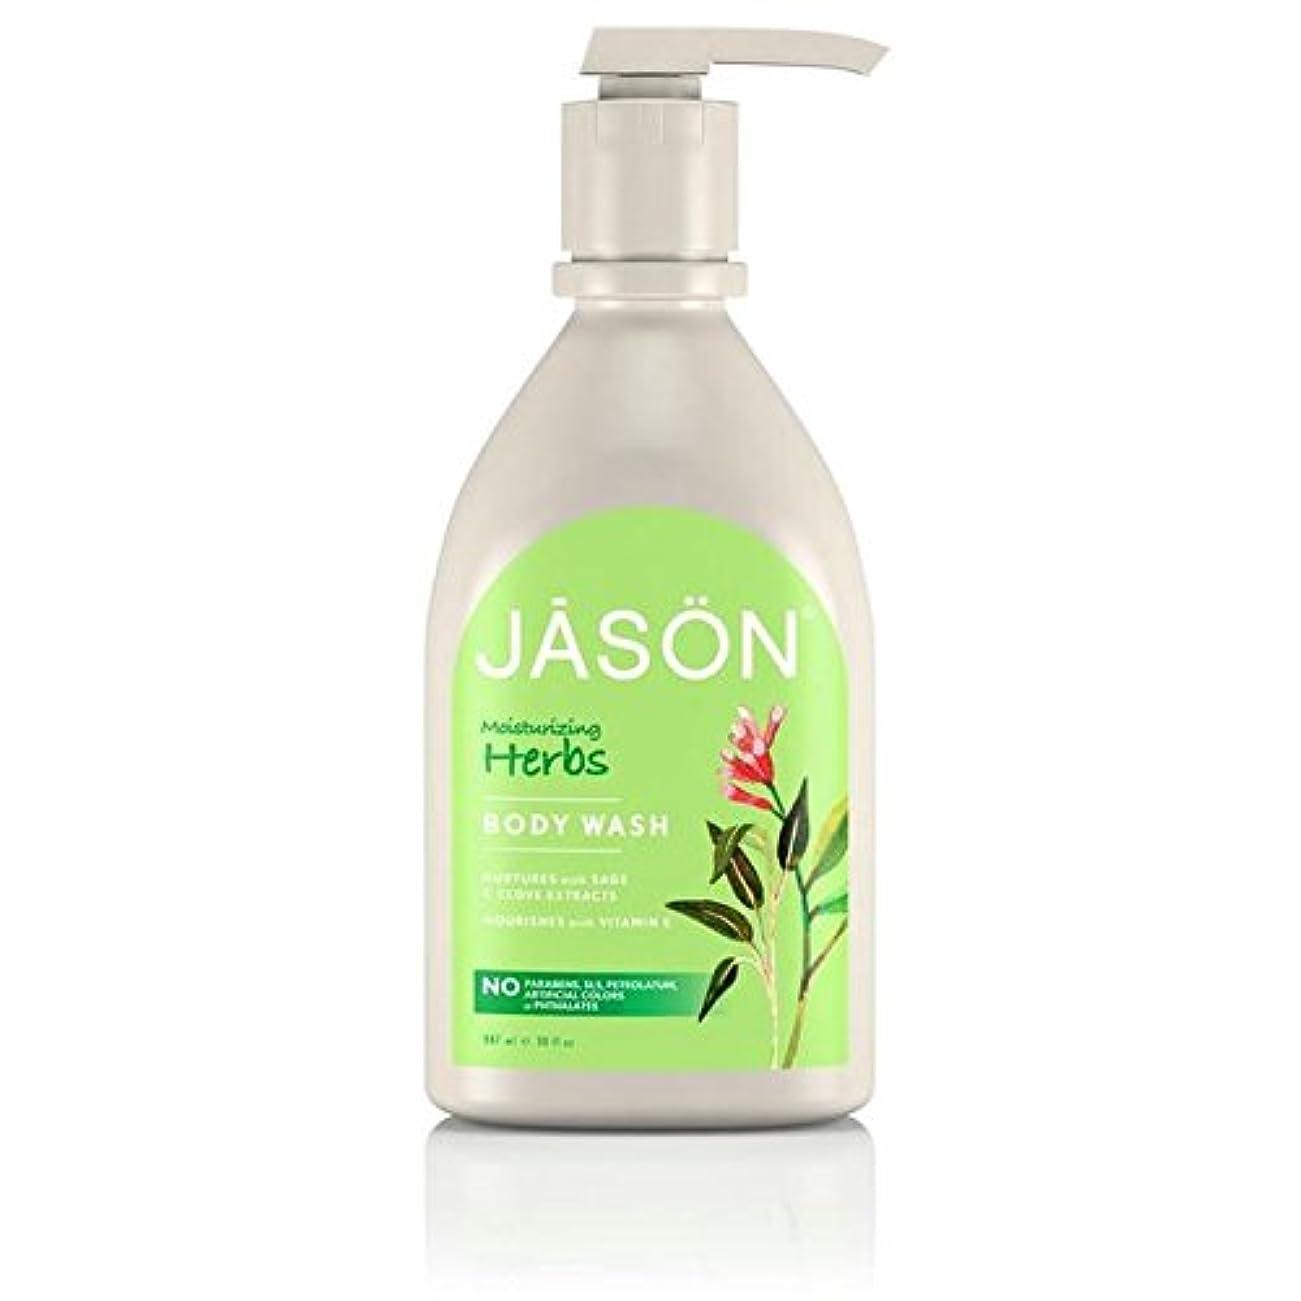 レーニン主義著者電圧Jason Herbal Satin Body Wash Pump 900ml (Pack of 6) - ジェイソン?ハーブサテンボディウォッシュポンプ900ミリリットル x6 [並行輸入品]